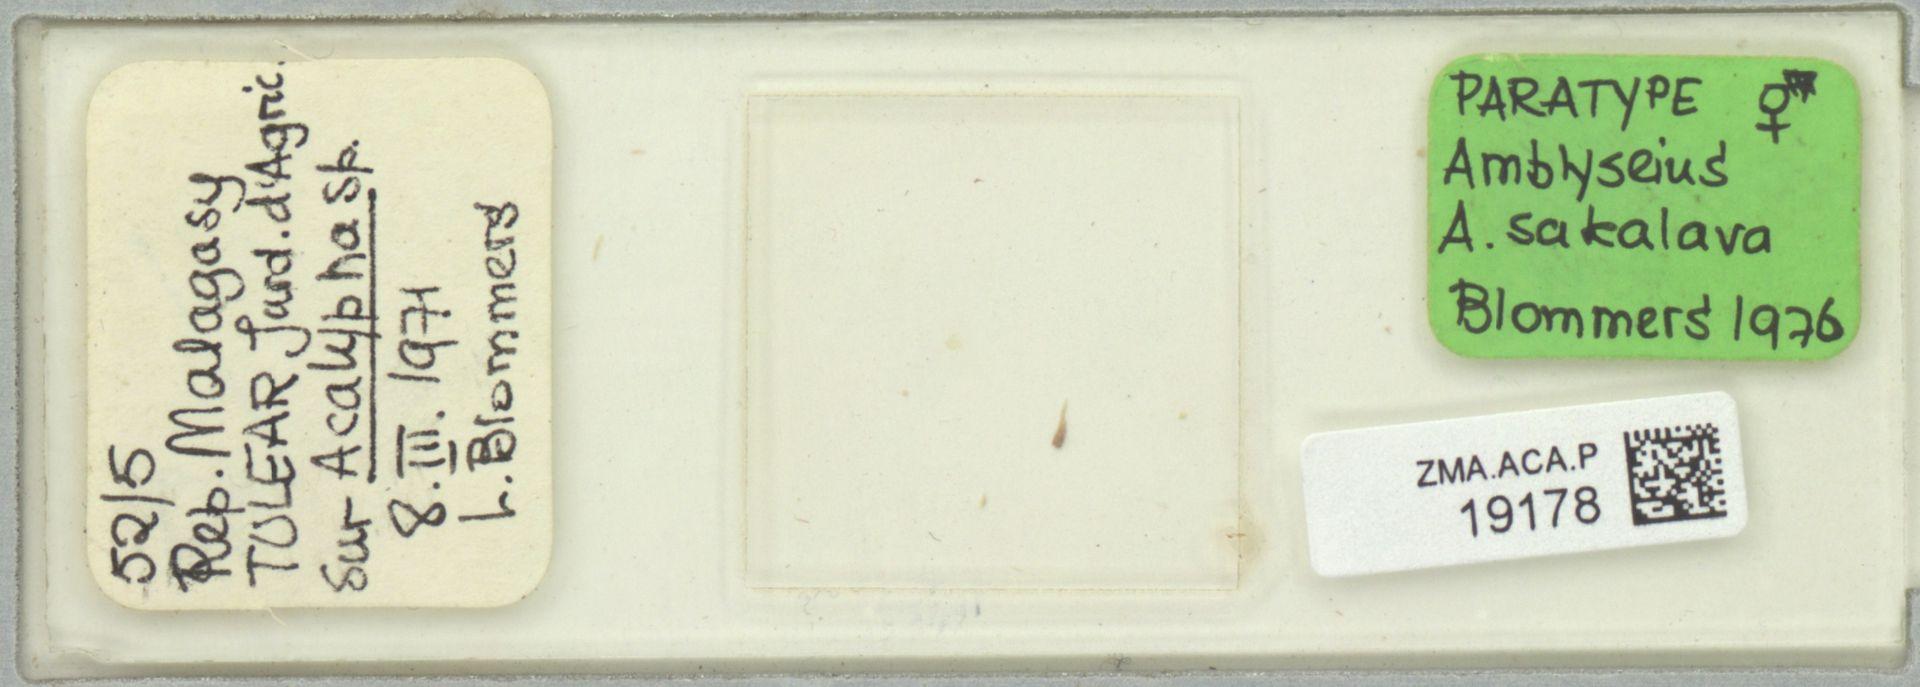 ZMA.ACA.P.19178 | Amblyseius (Amblyseius) sakalava Blommers, 1976